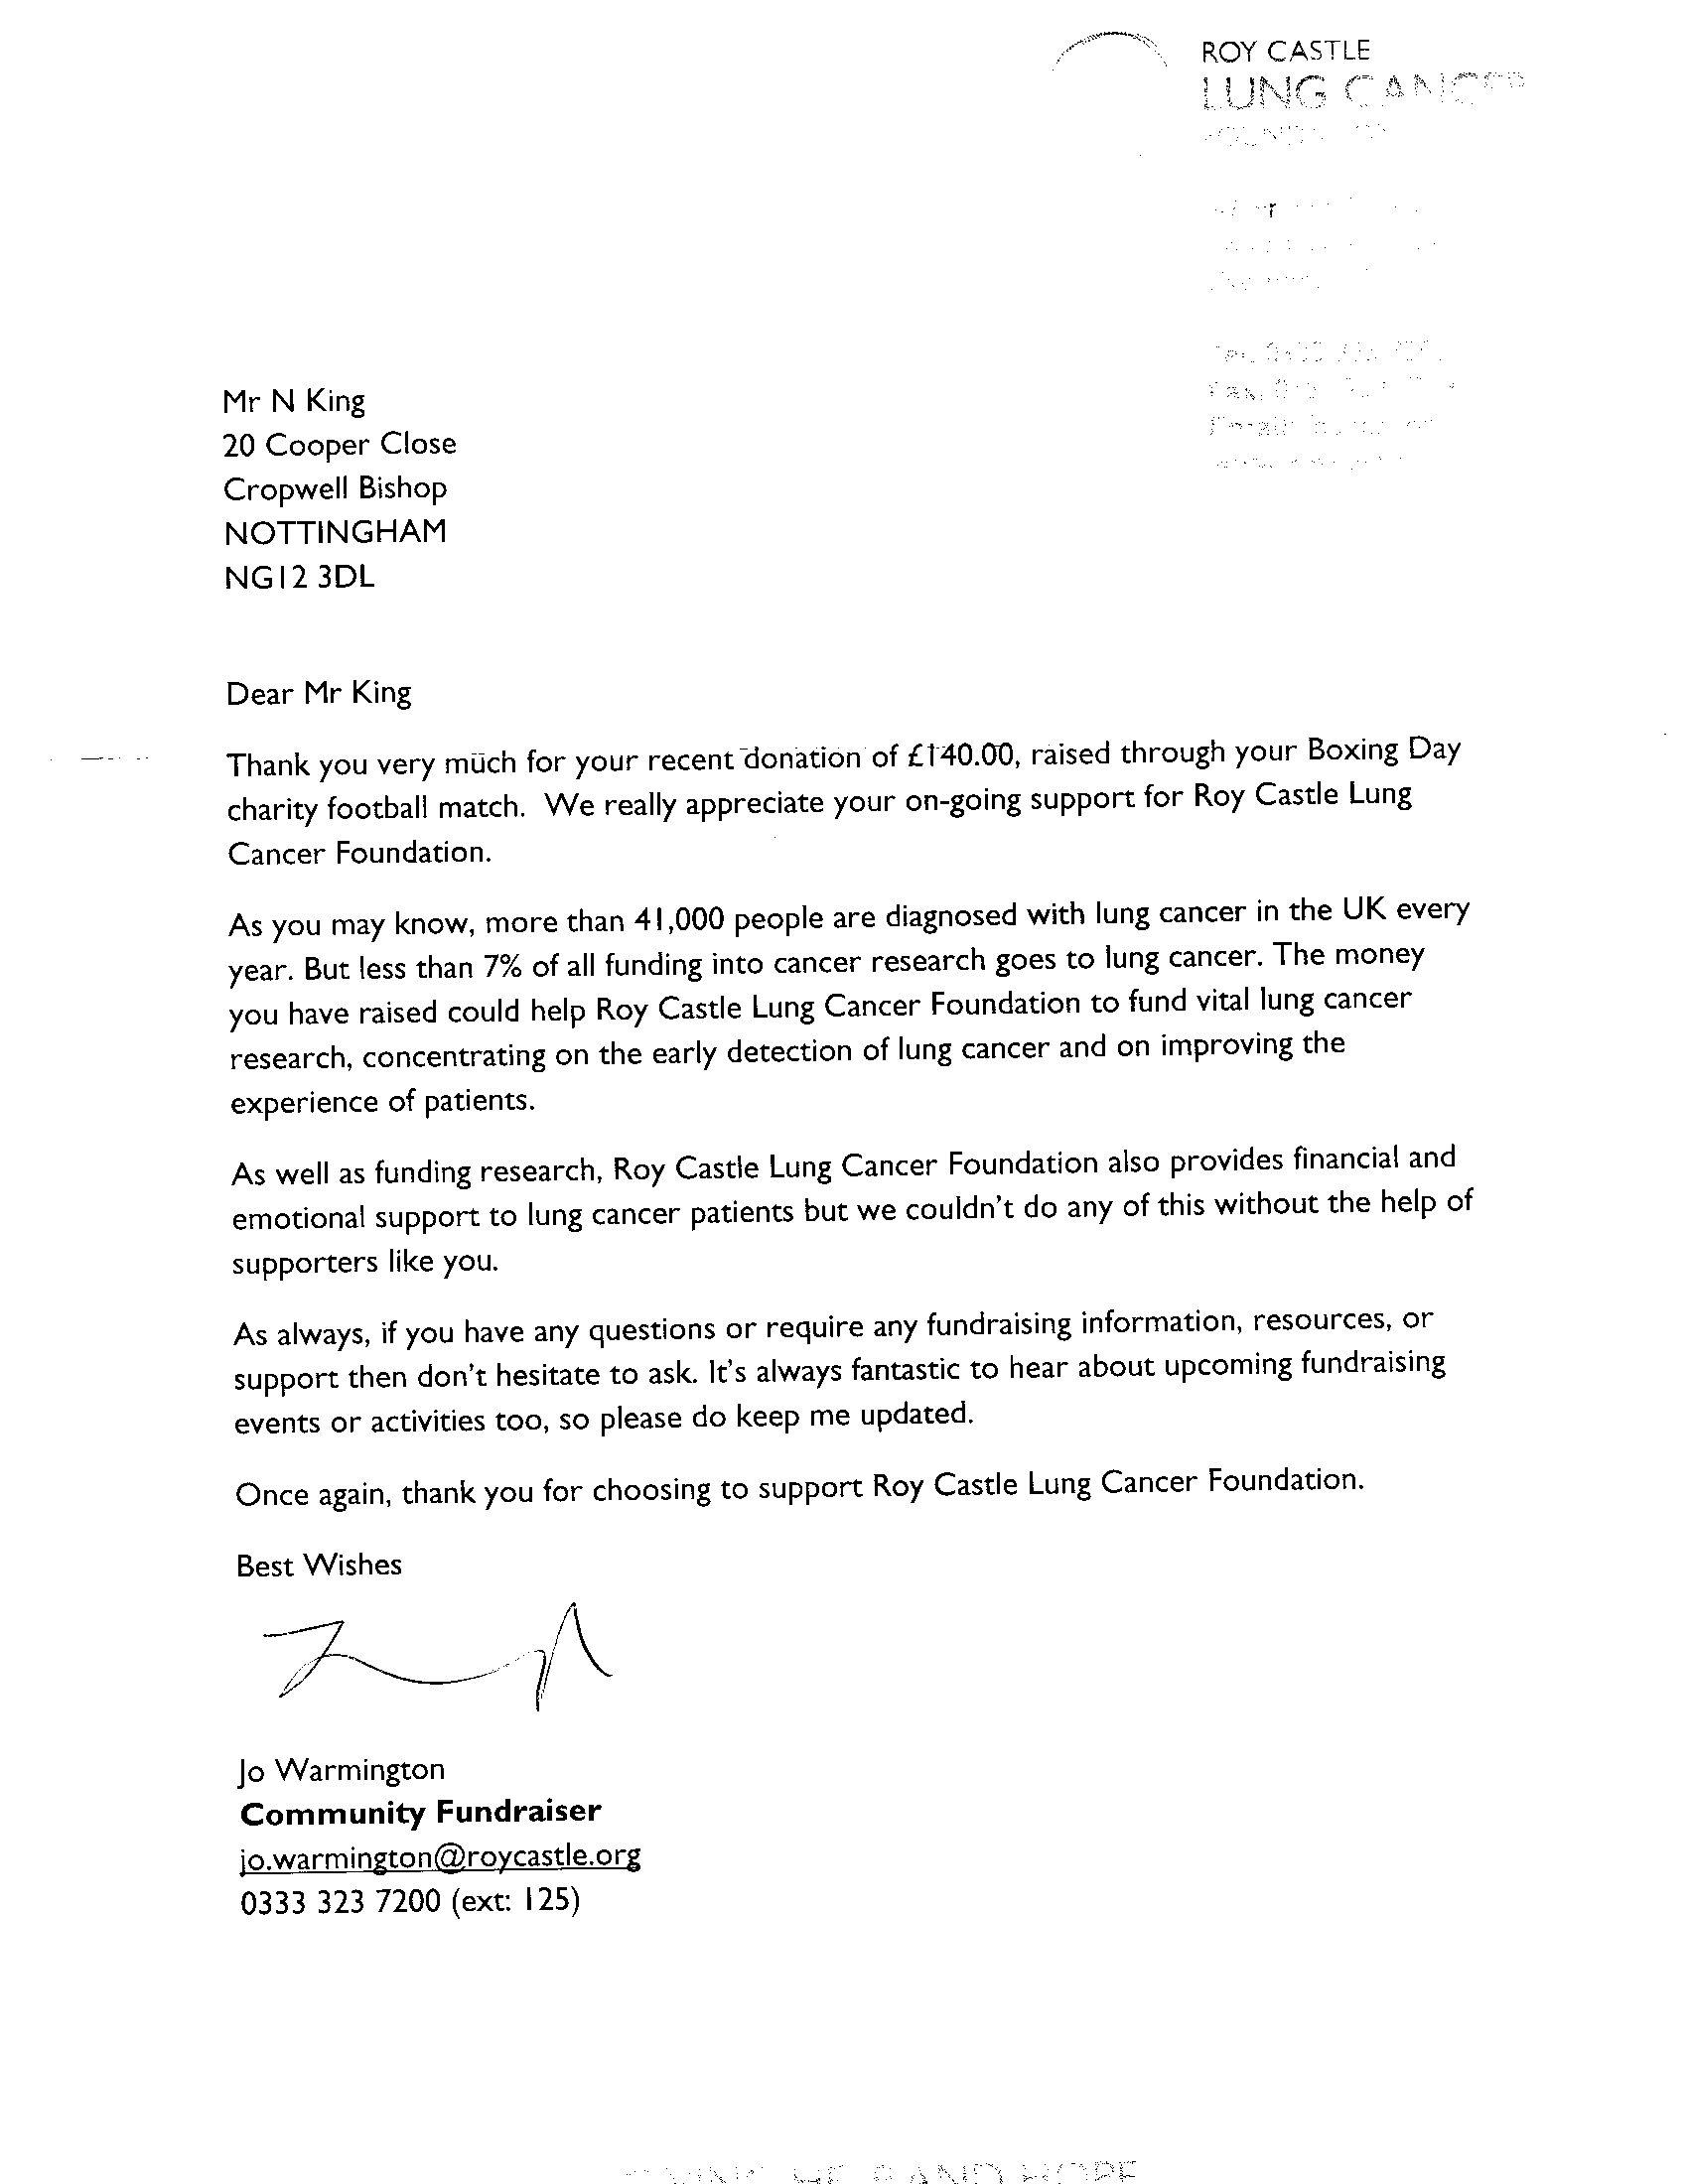 charity letter template uk resume builder charity letter template uk chapter 3 gift aid govuk letter raise sample letter asking for raise